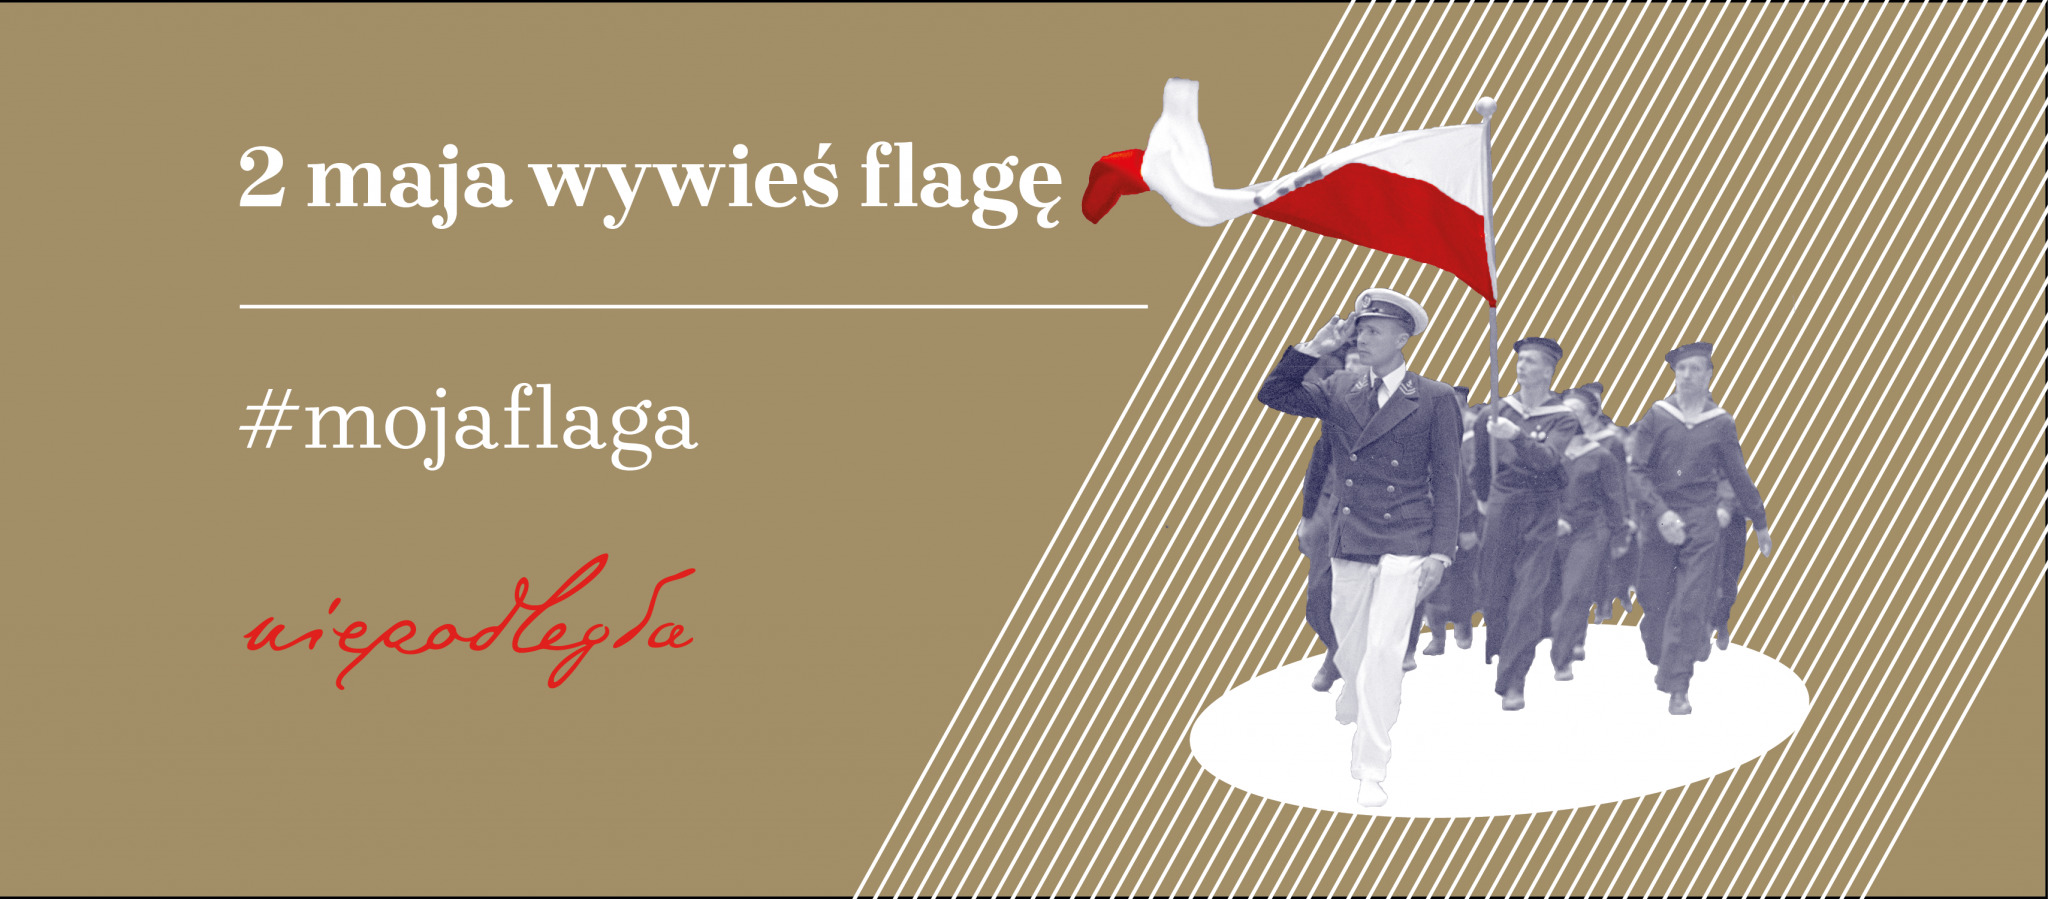 2 maja wywieś flagę!